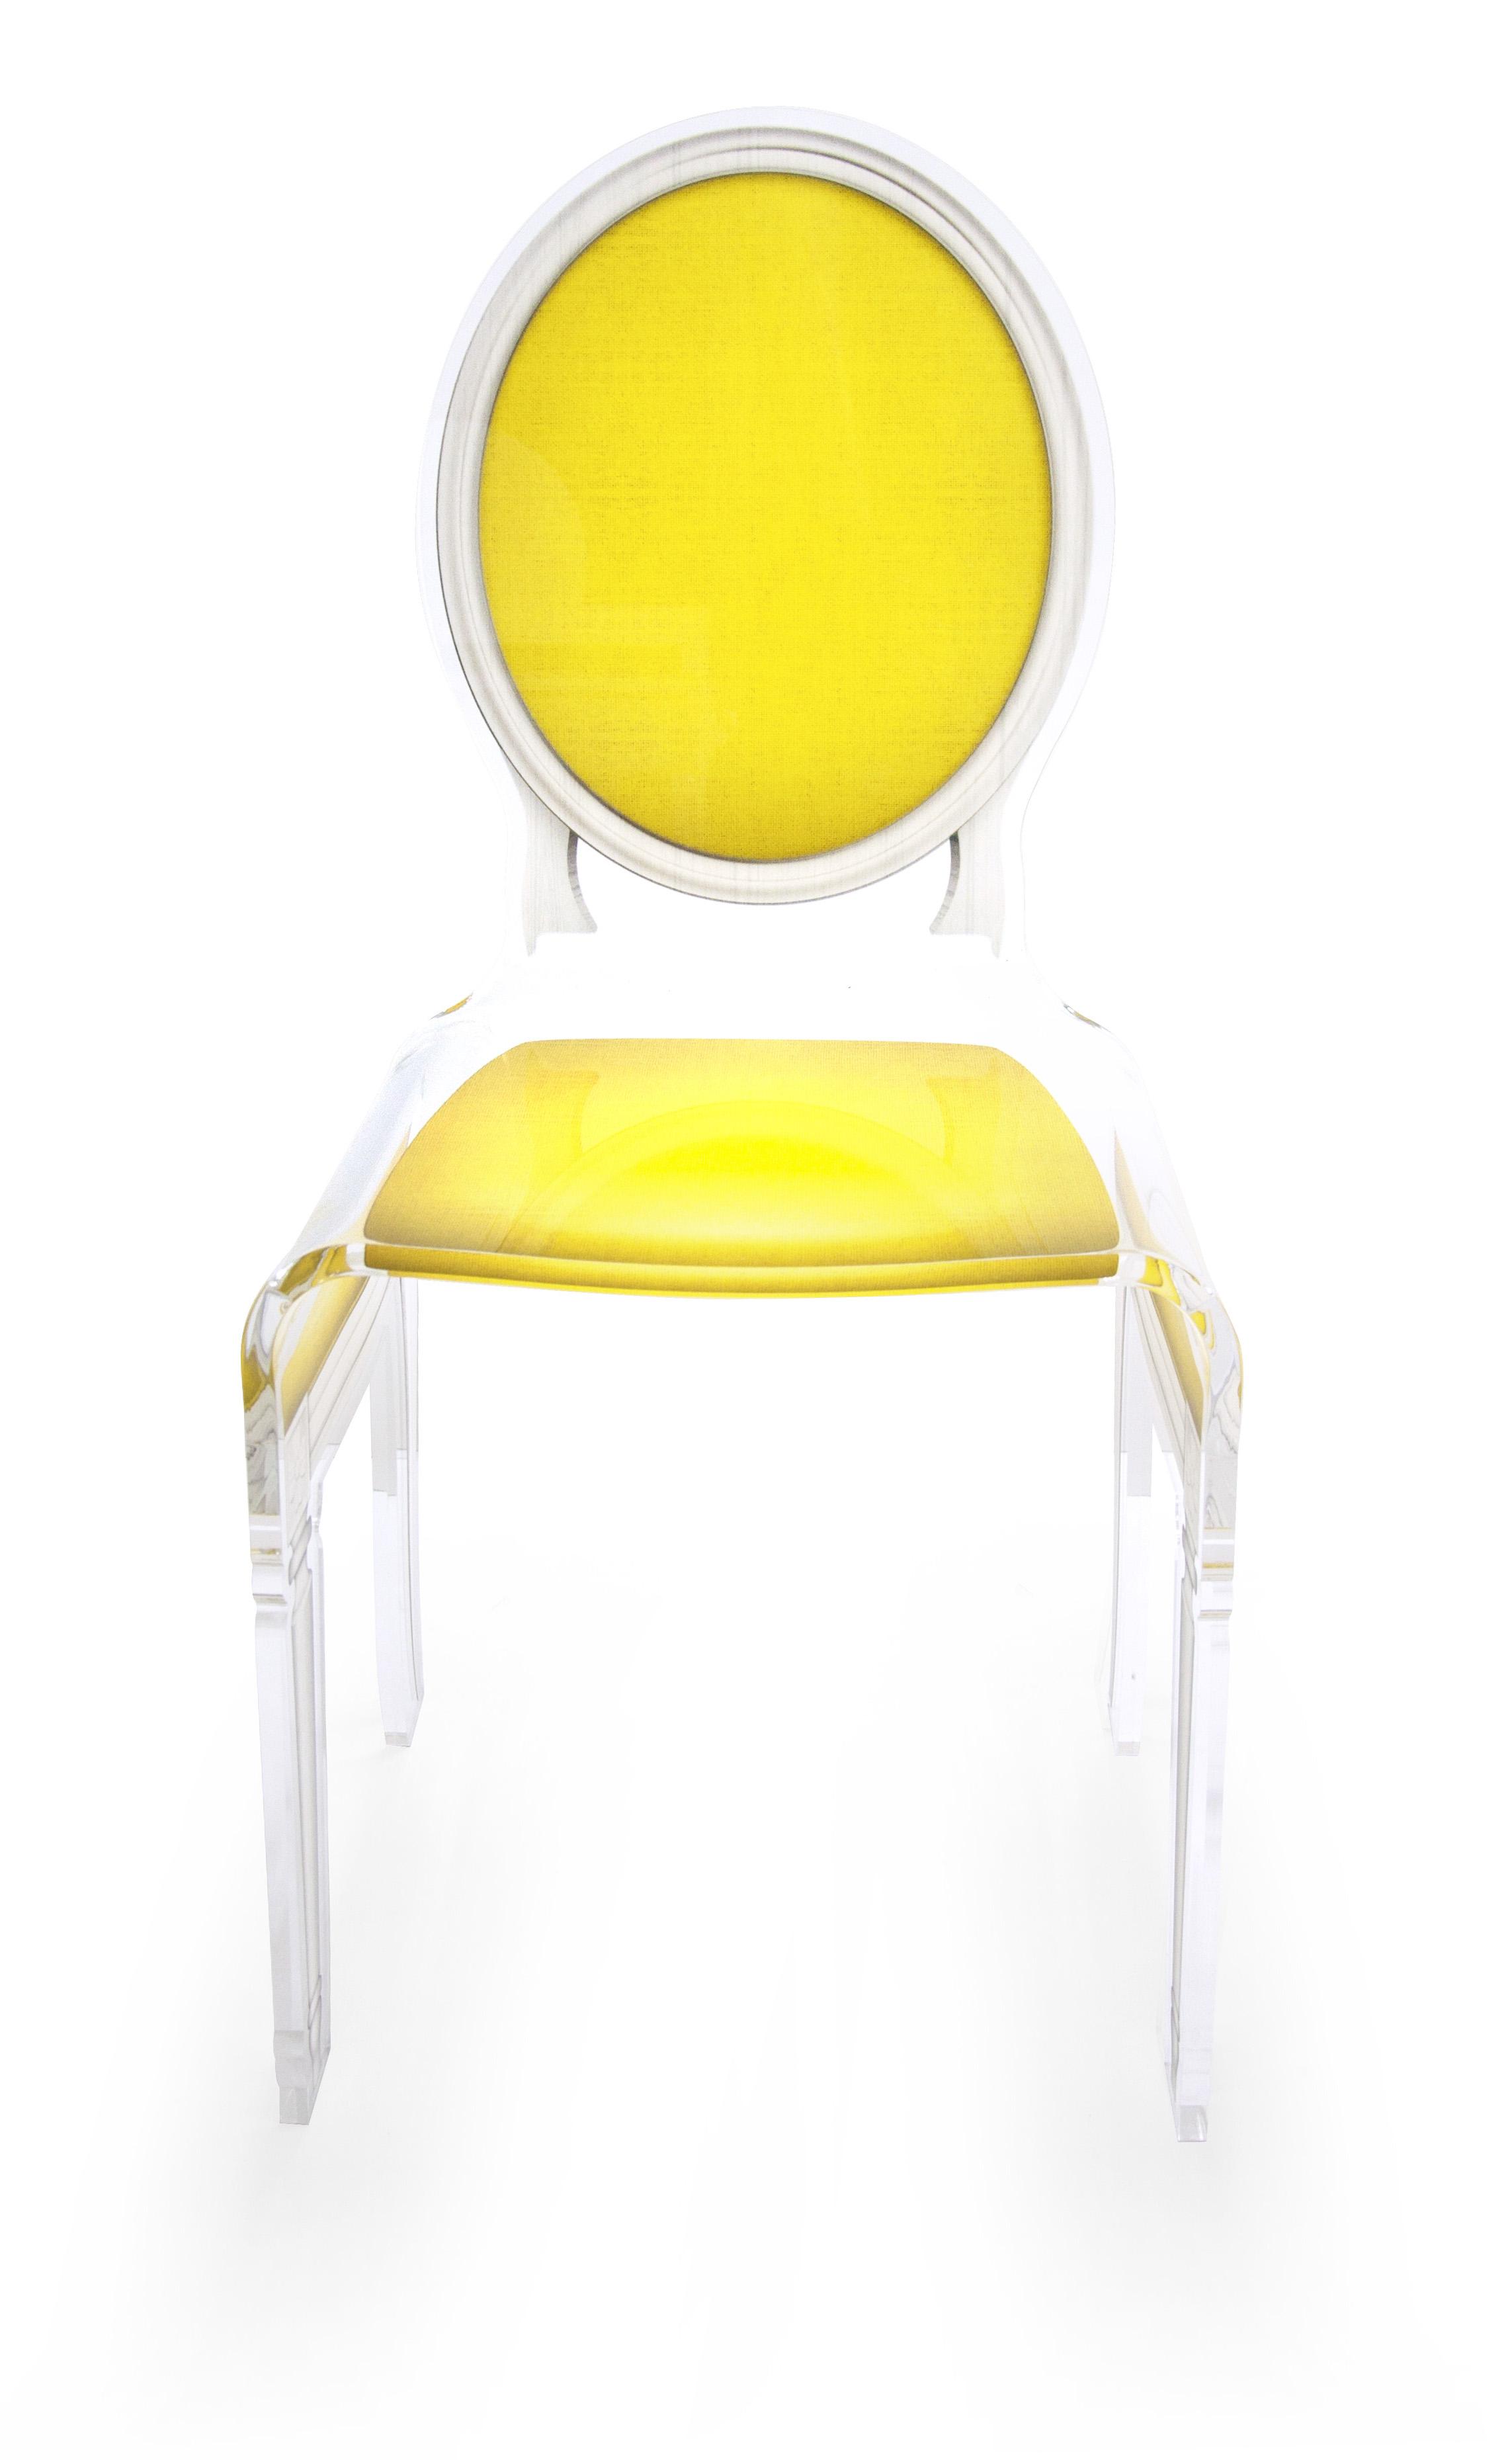 CH sixteen jaune.jpg